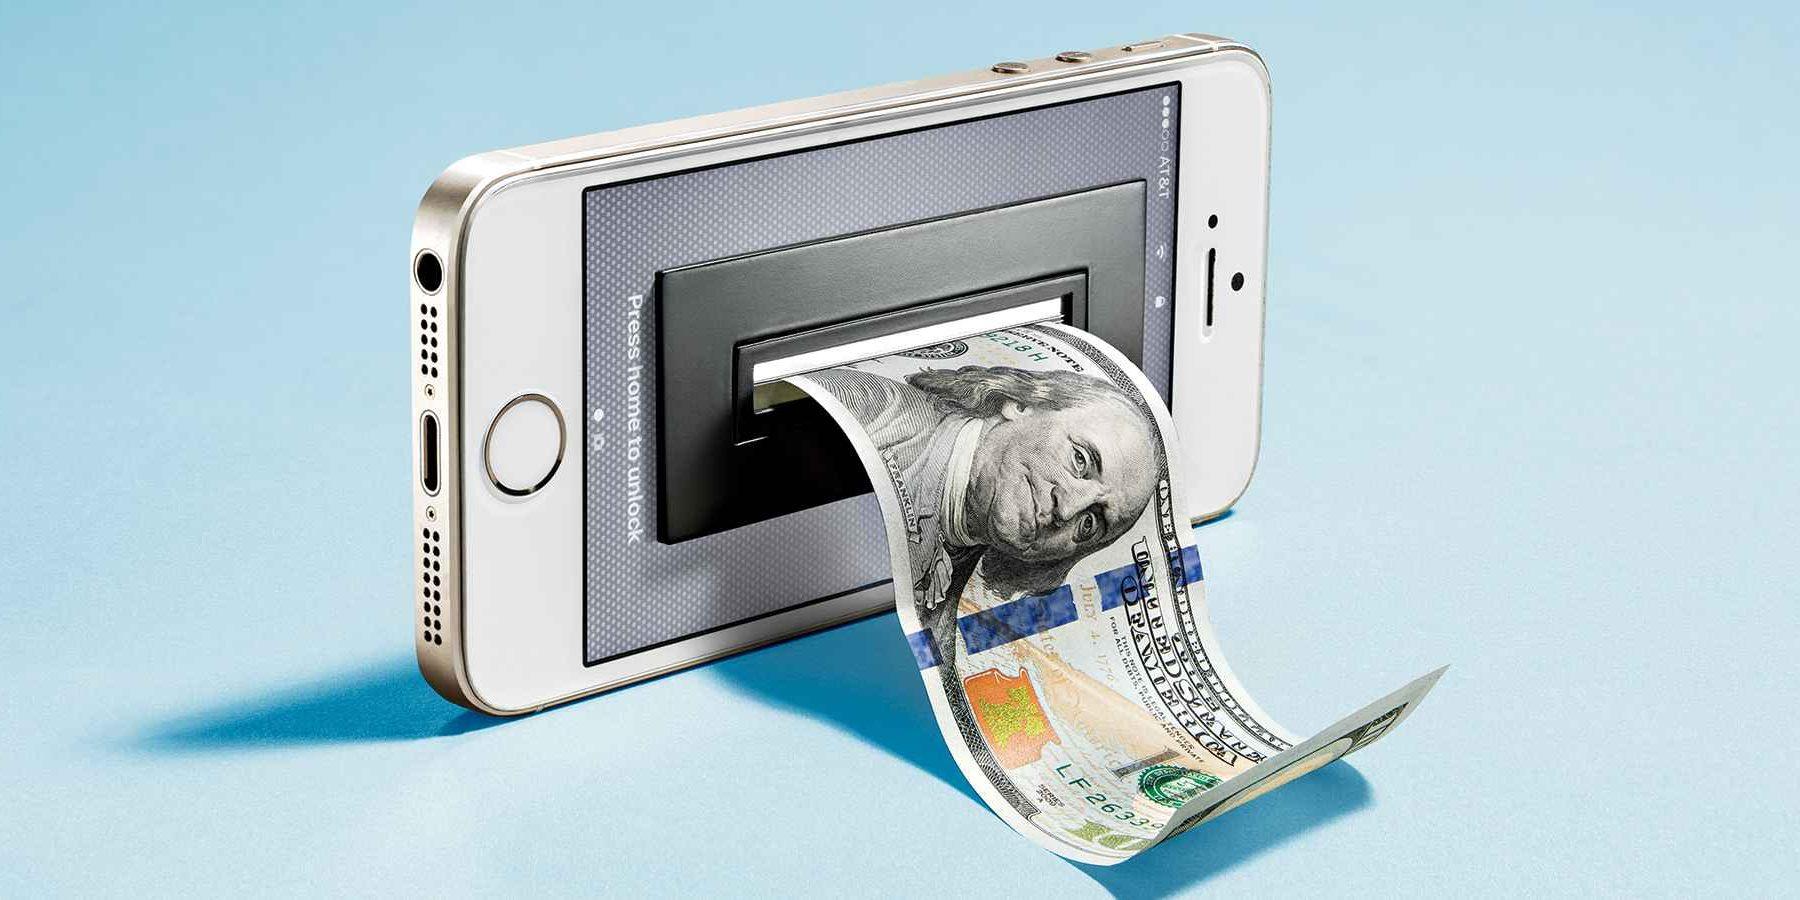 کیف پول الکترونیکی، انواع و مزایای استفاده از آن